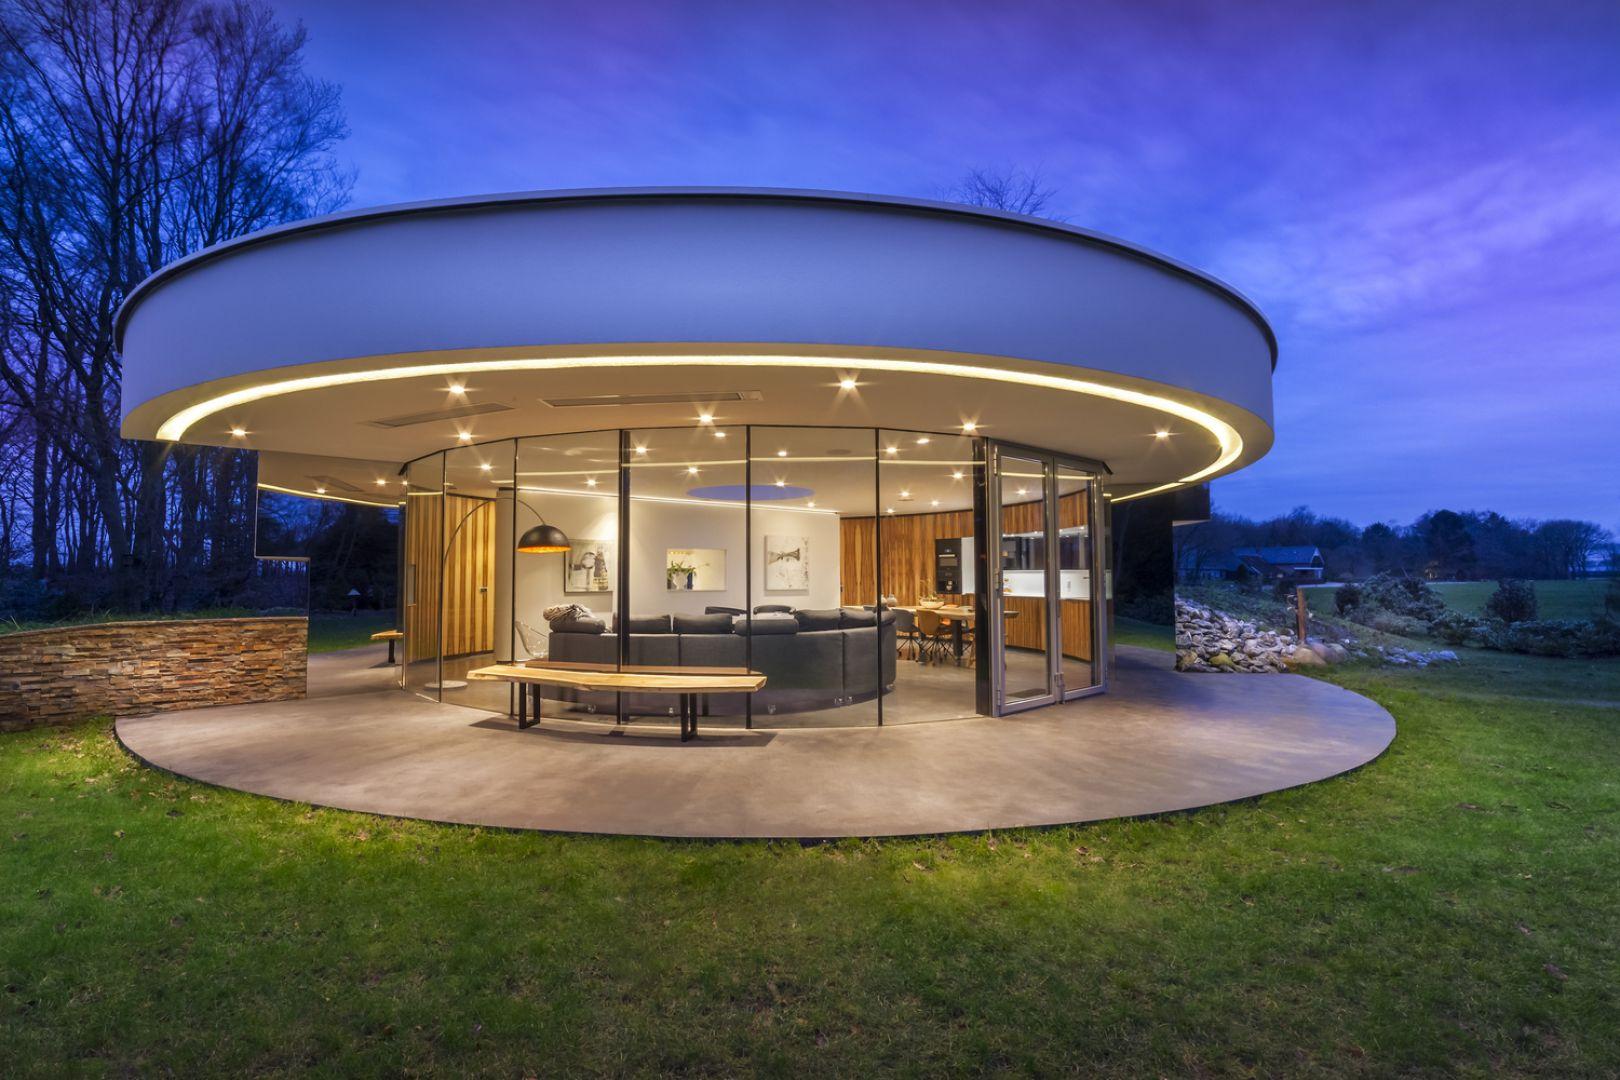 Rezydencja 360 Villa powstała z myślą o parze, będącej właścicielami dwóch aktywnych psów. Fot. Hannah Anthonysz